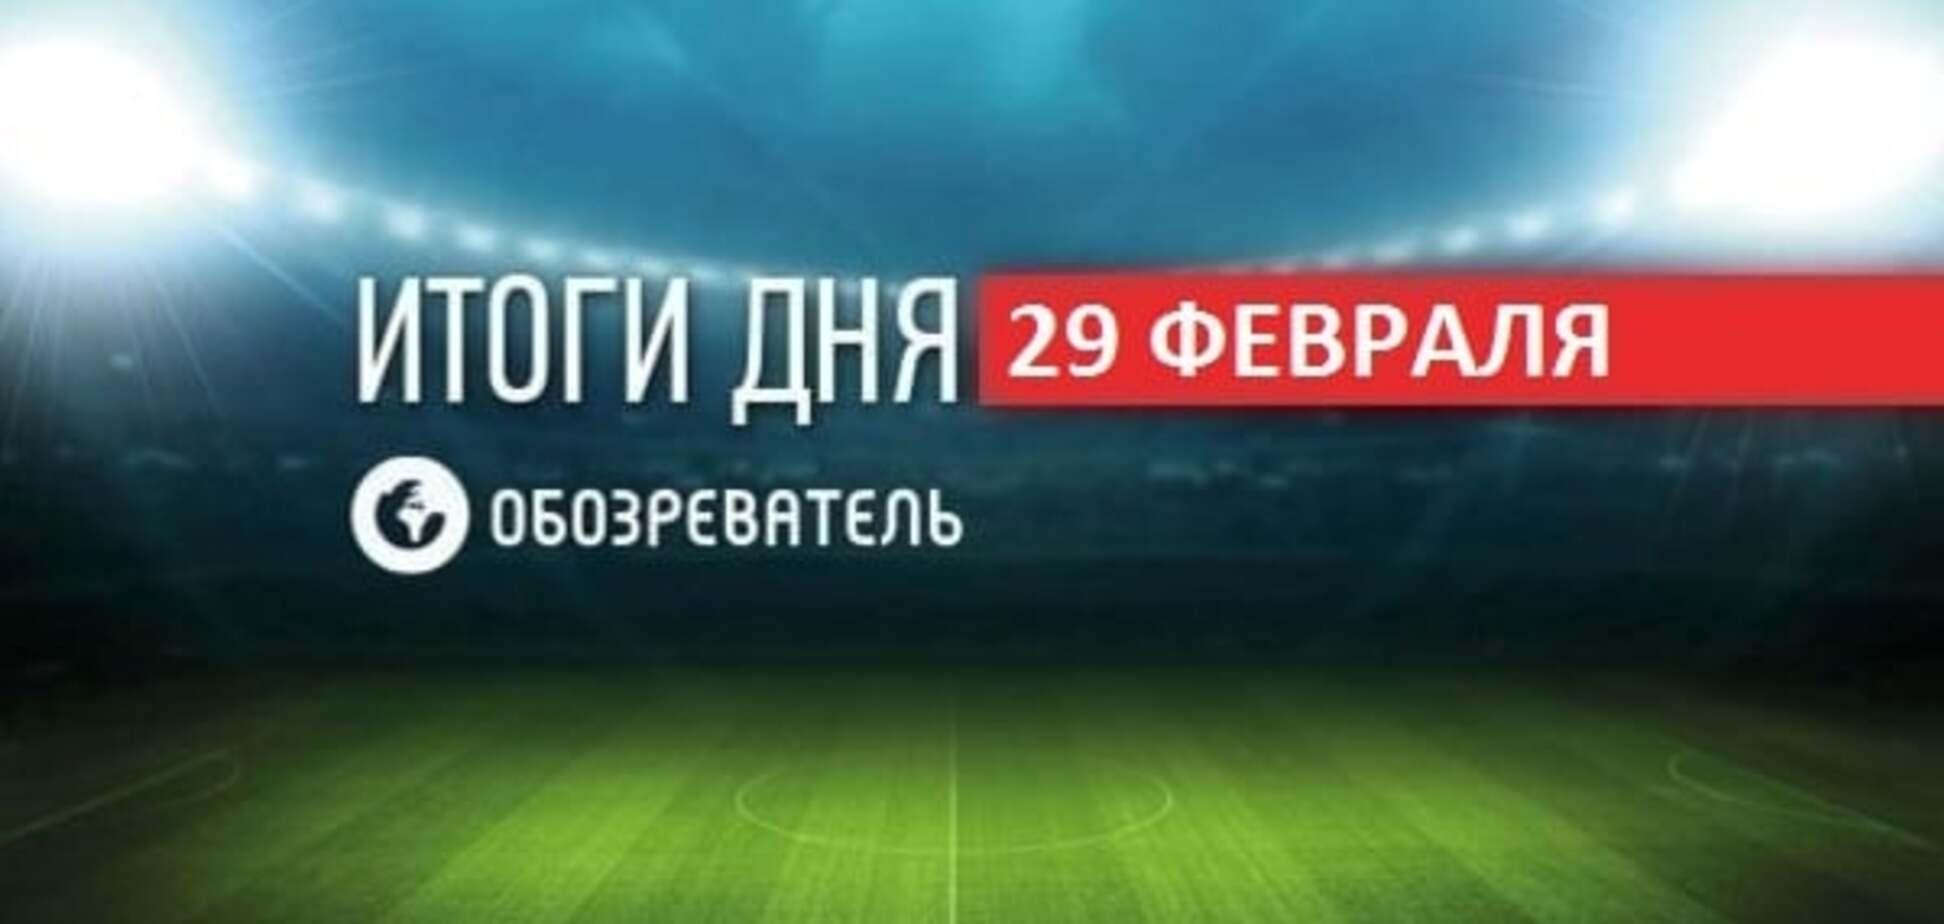 Ліквідація іменитого українського футбольного клубу. Спортивні підсумки за 29 лютого